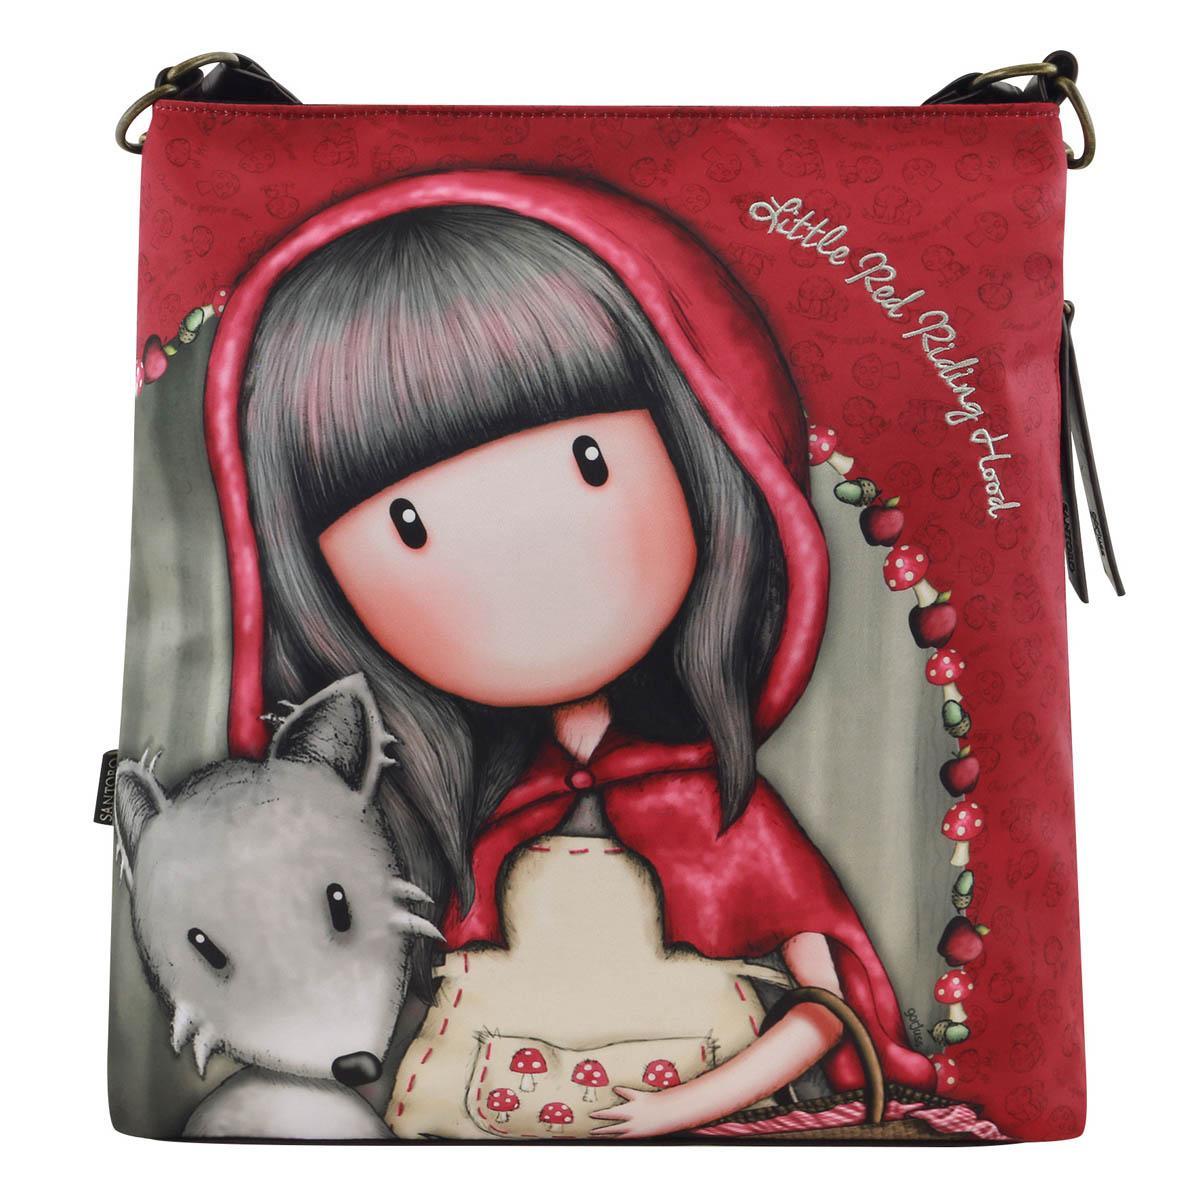 Torba GORJUSS HOBO BAG Little Red Riding Hood